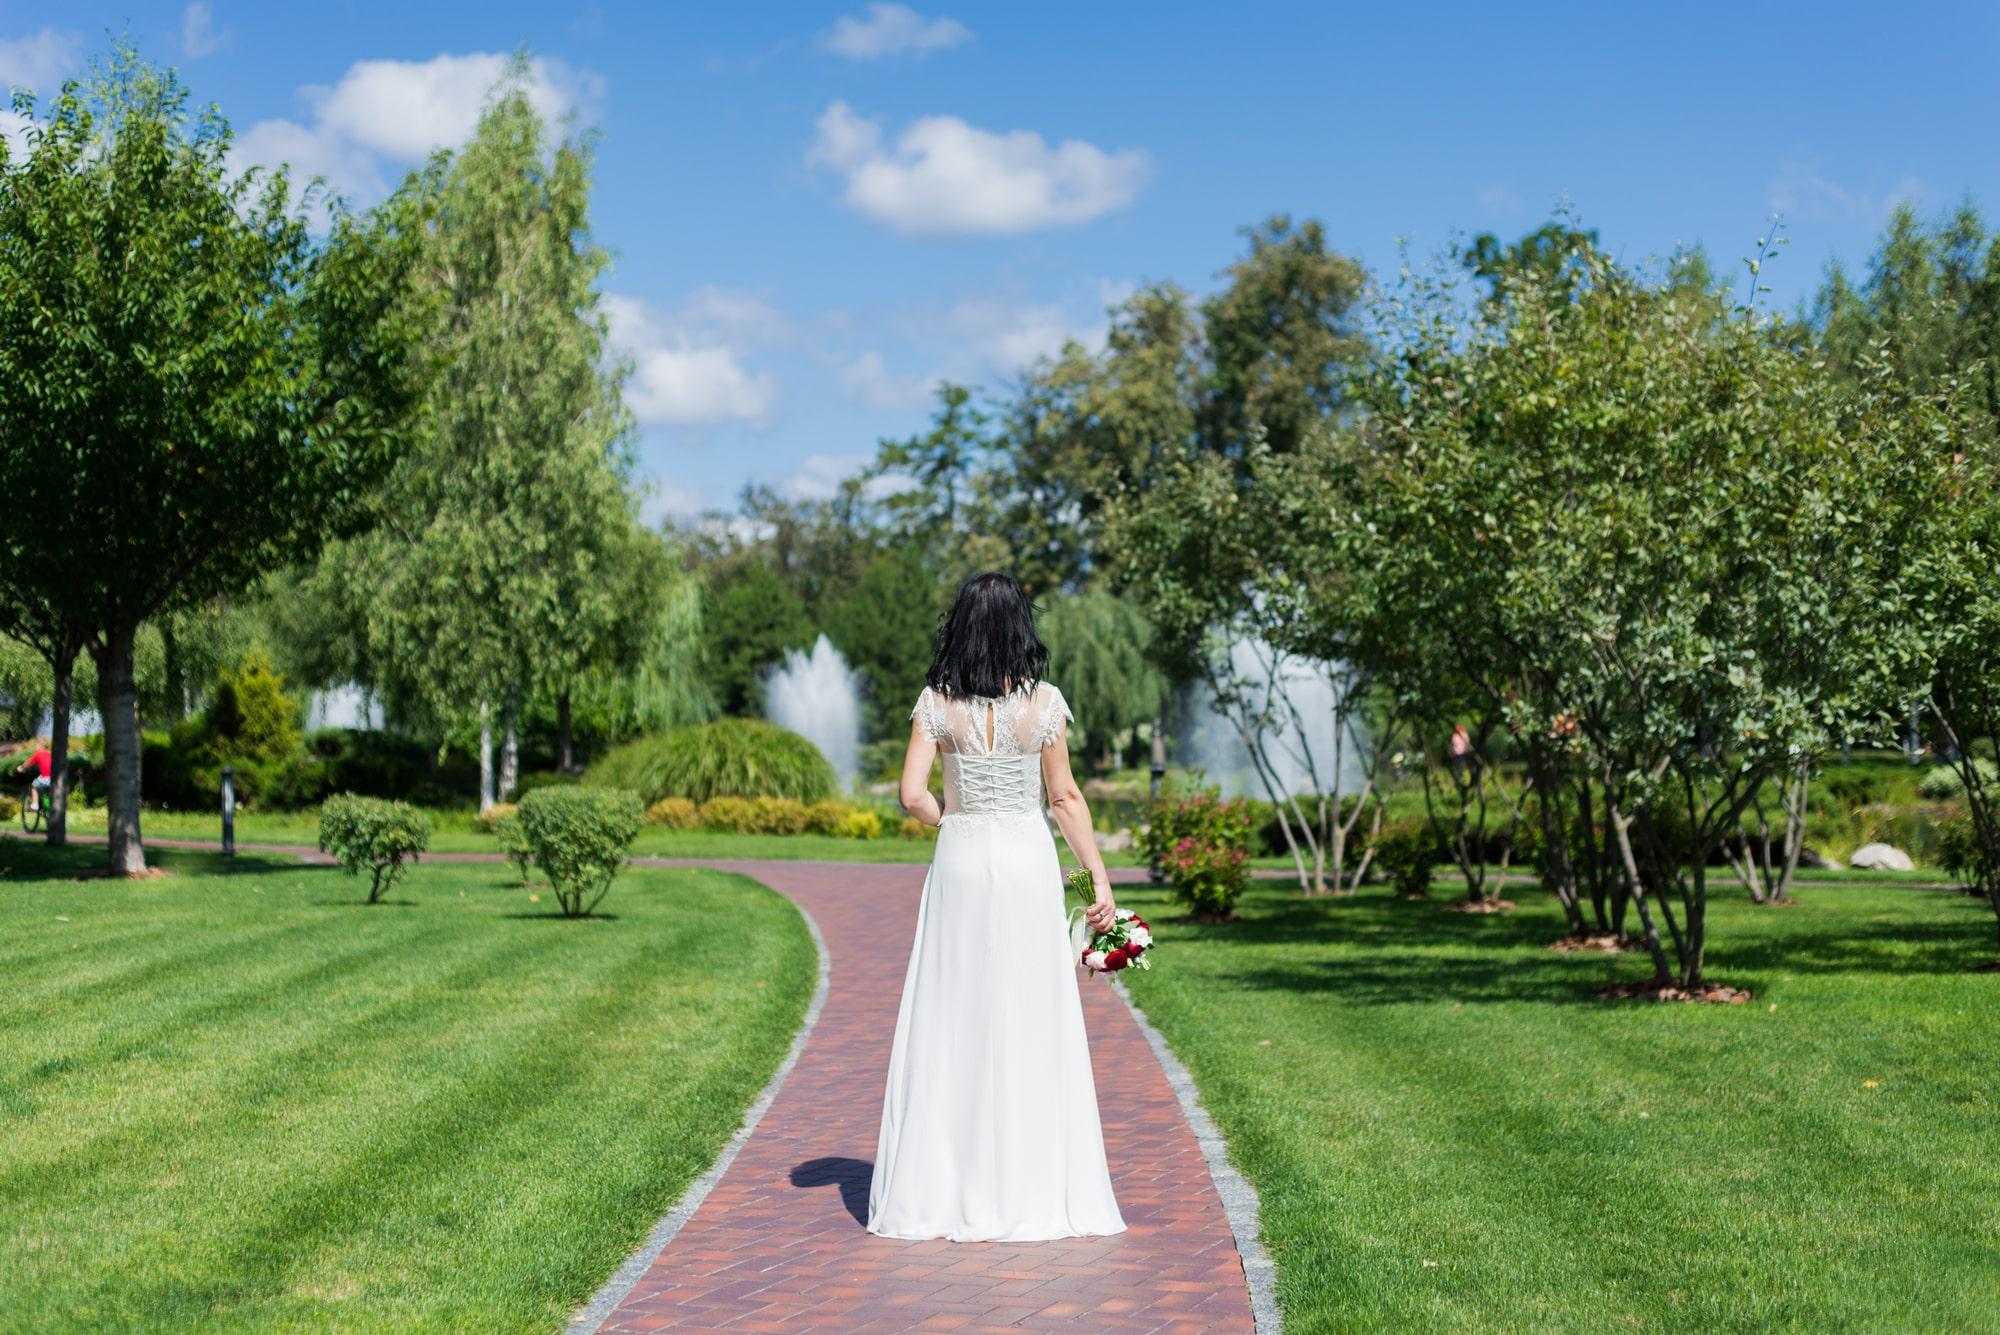 Свадебная фотосъемка в августе - образ невесты